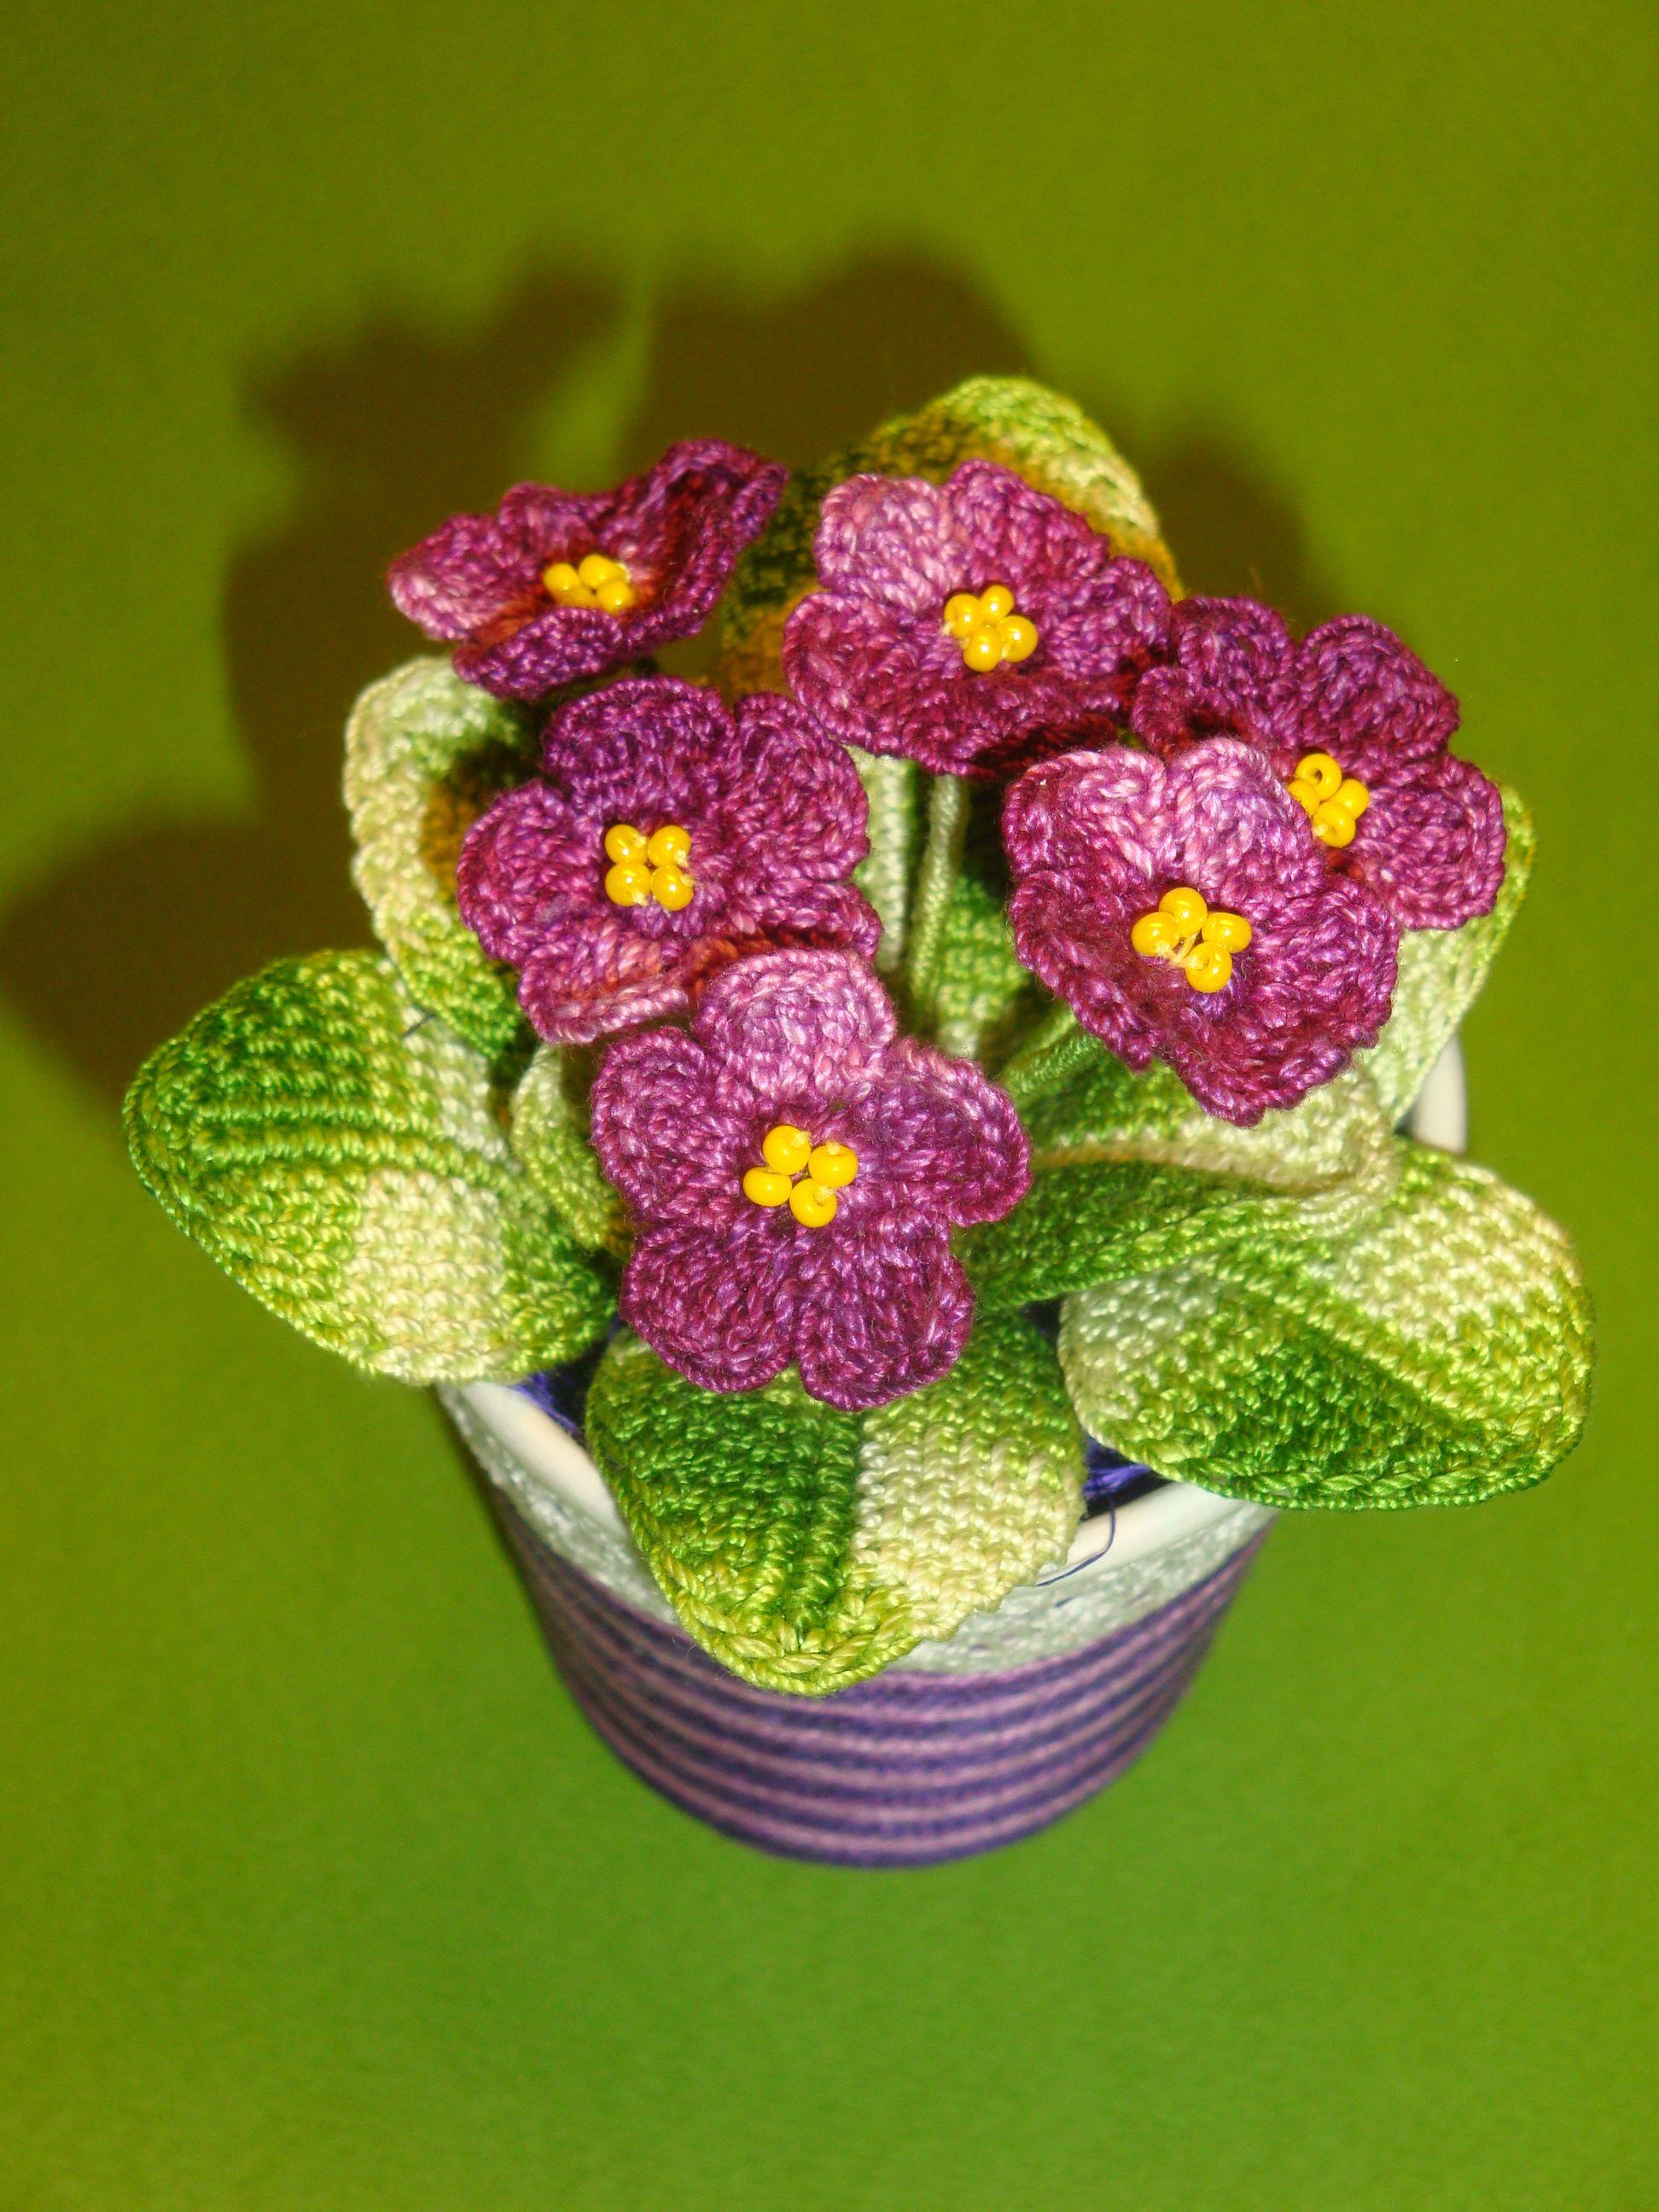 Фіалка у горщику. Квіти та листя в язані 3bd4fac00d863